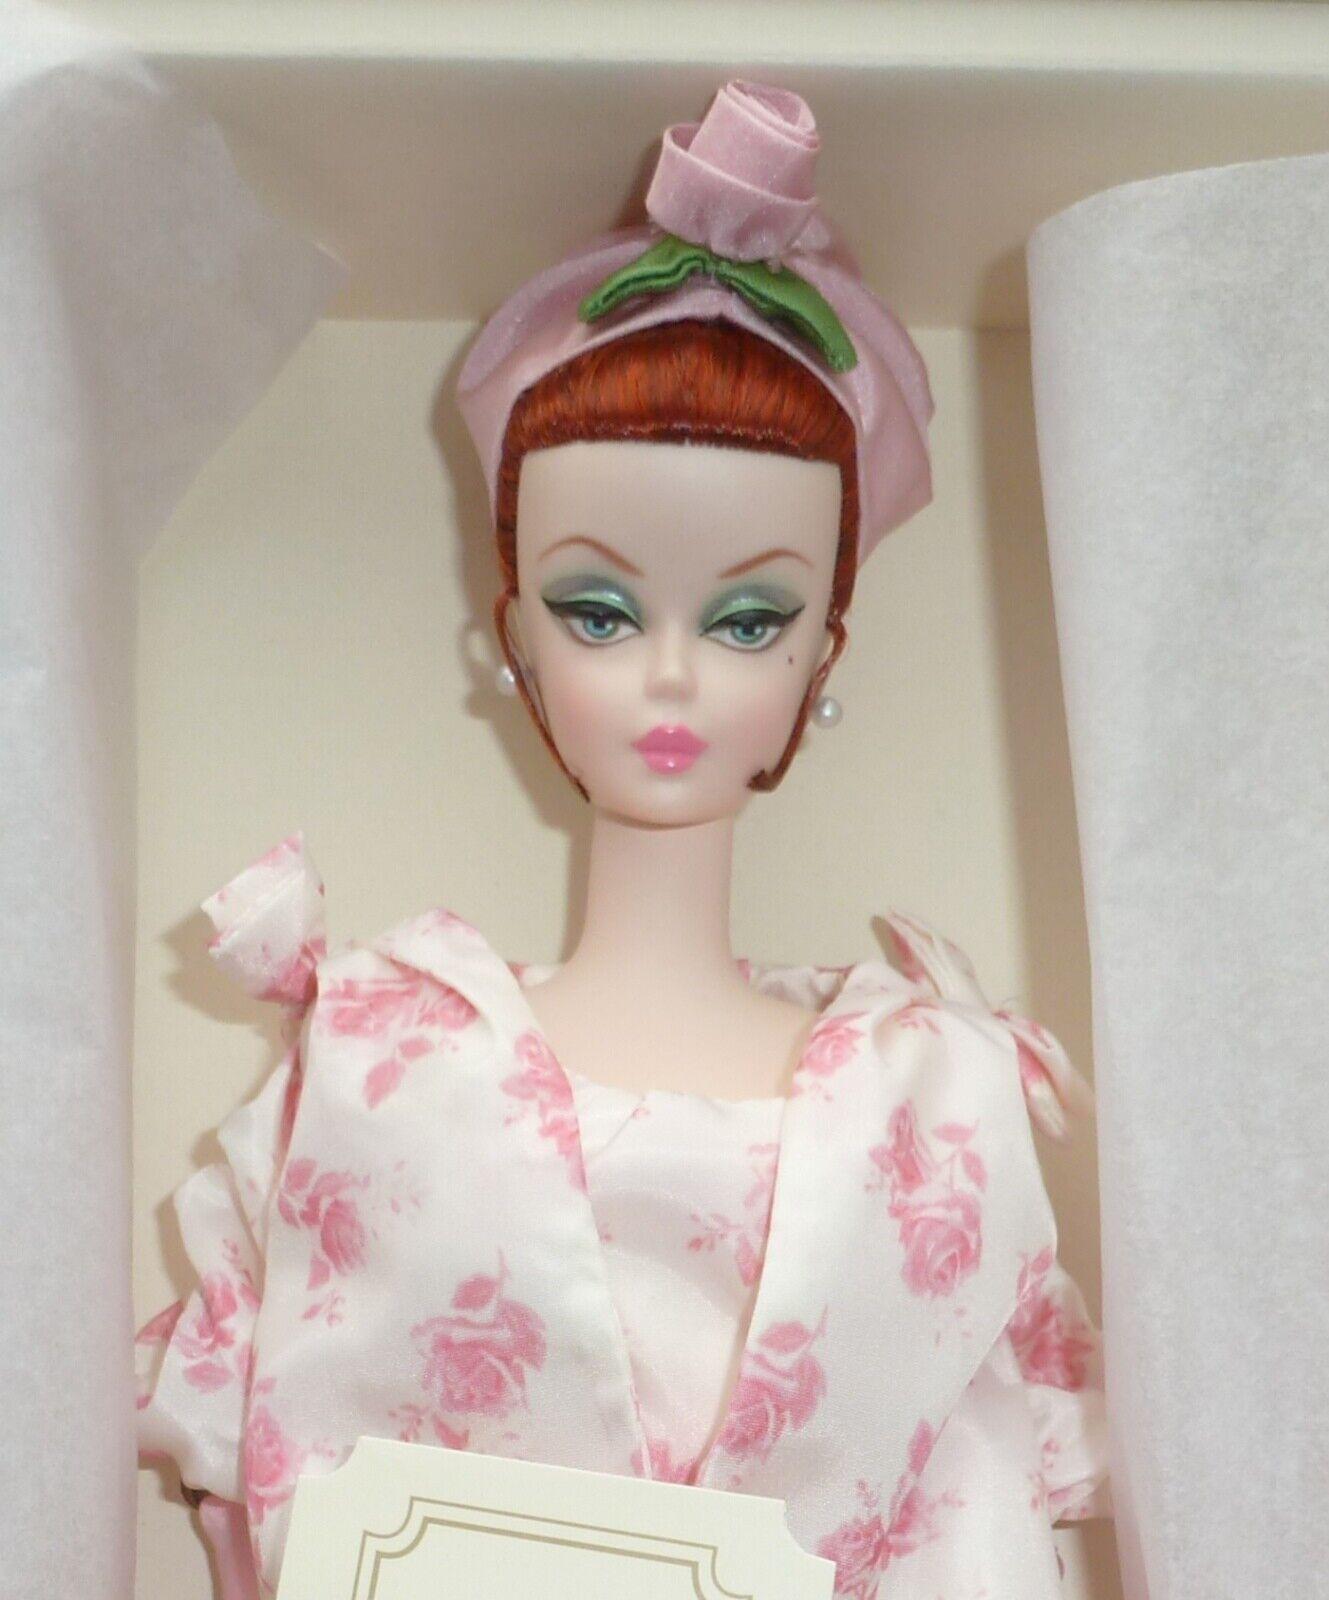 2012 Silkstone Fashion Luncheon Barbie Doll. NEW MIB